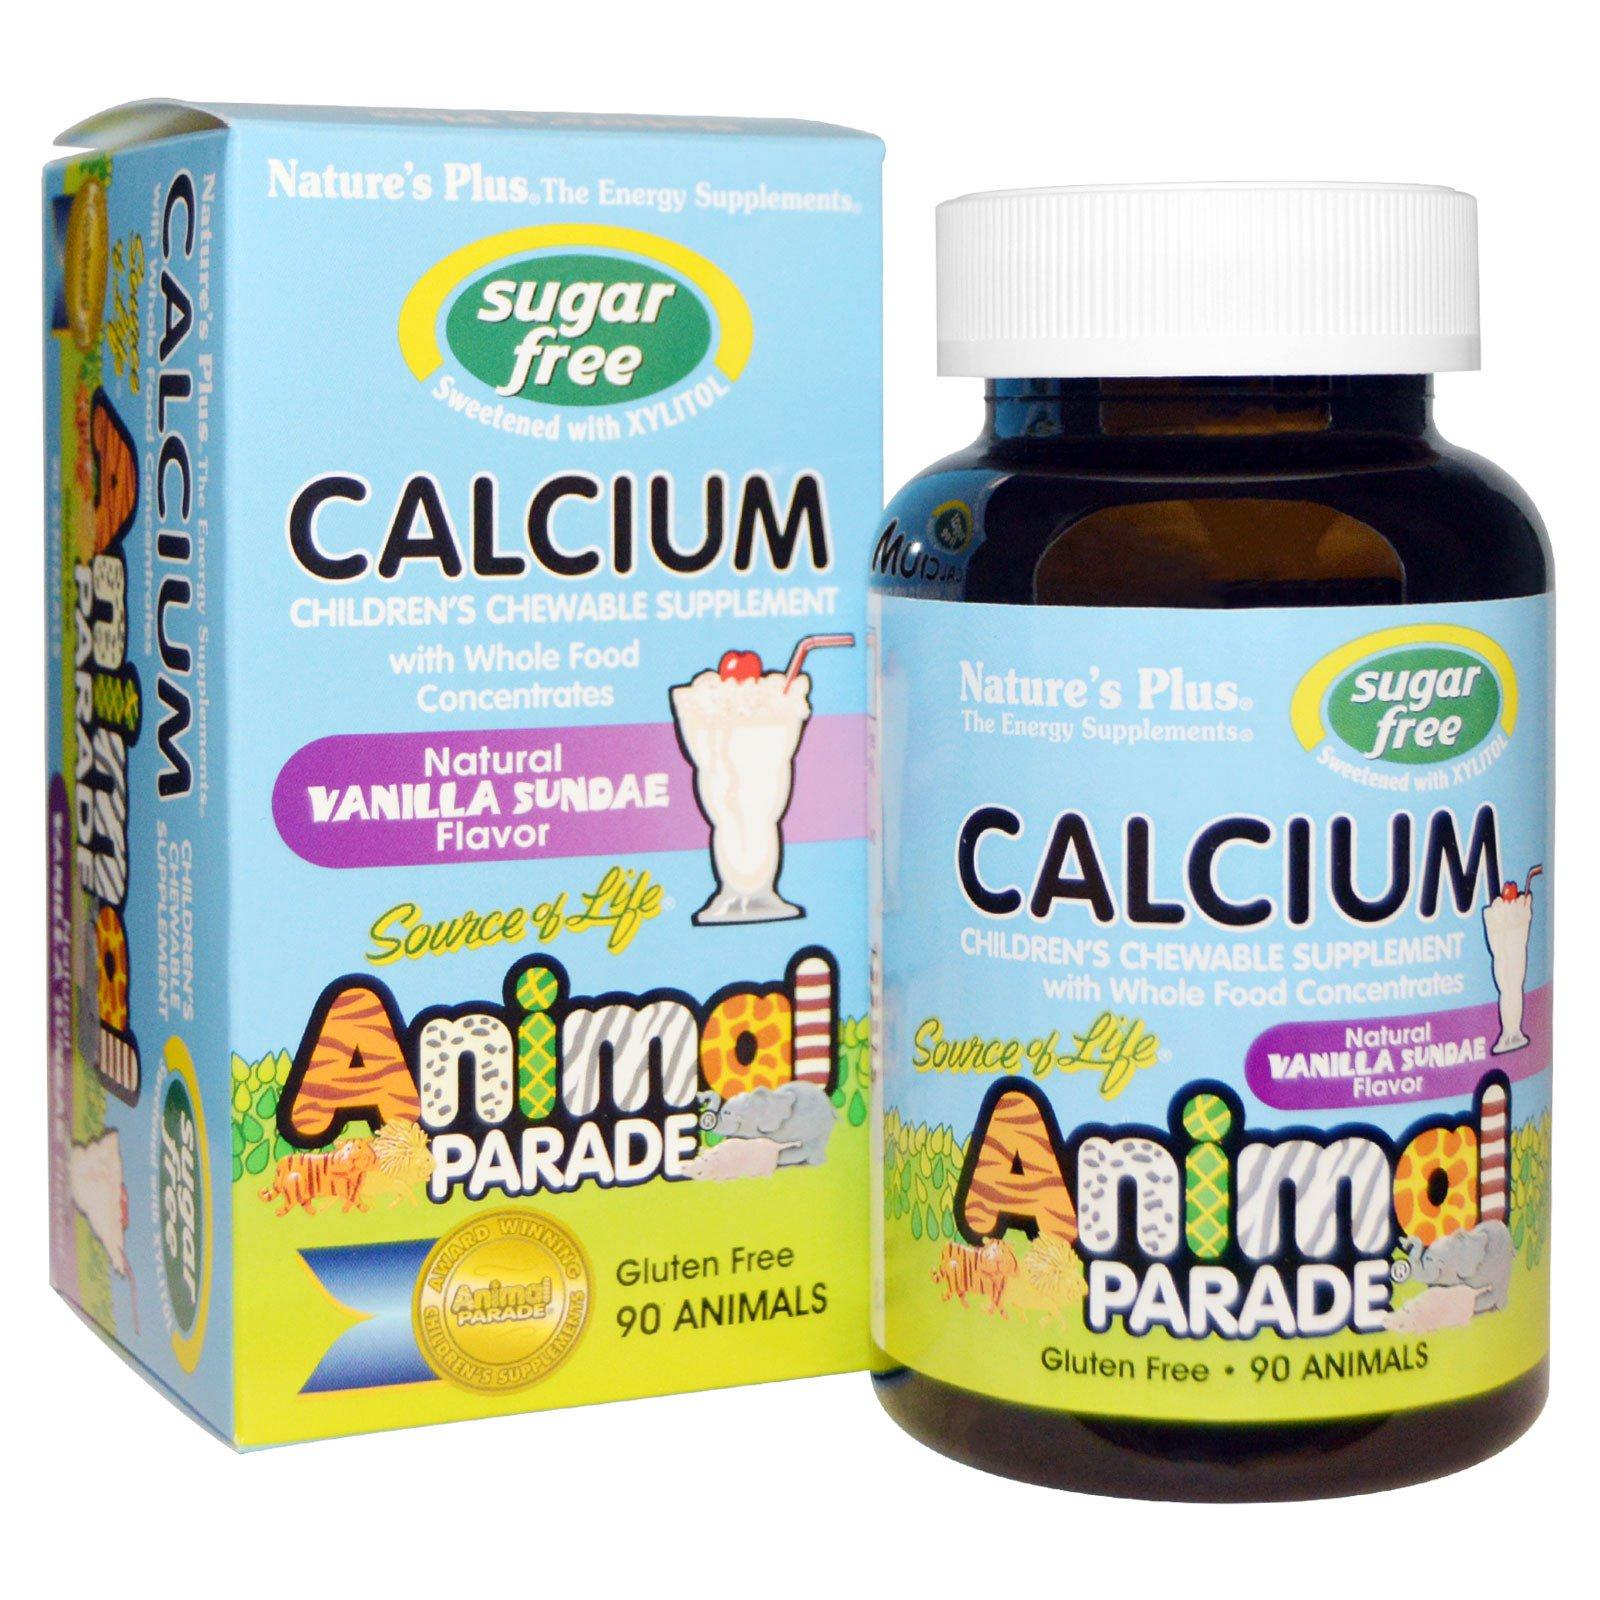 Image of Calcium, Sugar Free, Natural Vanilla Sundae Flavor (90 Animals) - Nature's Plus